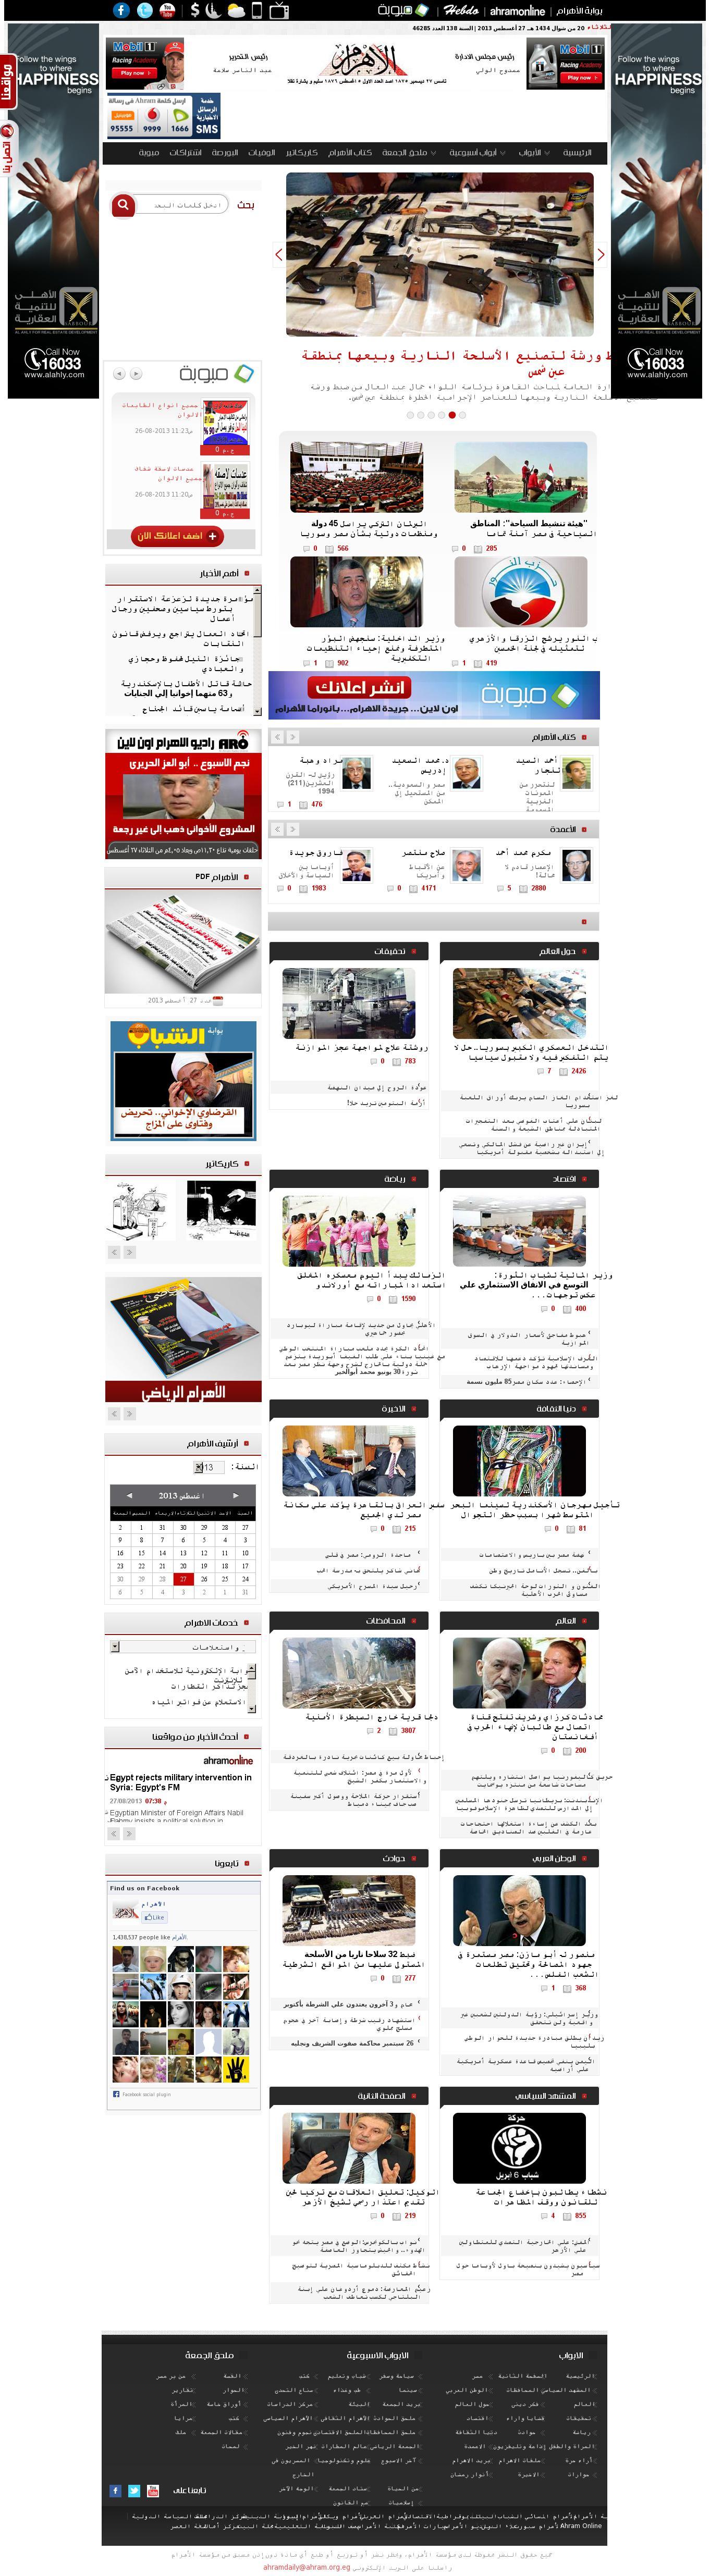 Al-Ahram at Tuesday Aug. 27, 2013, 8 p.m. UTC